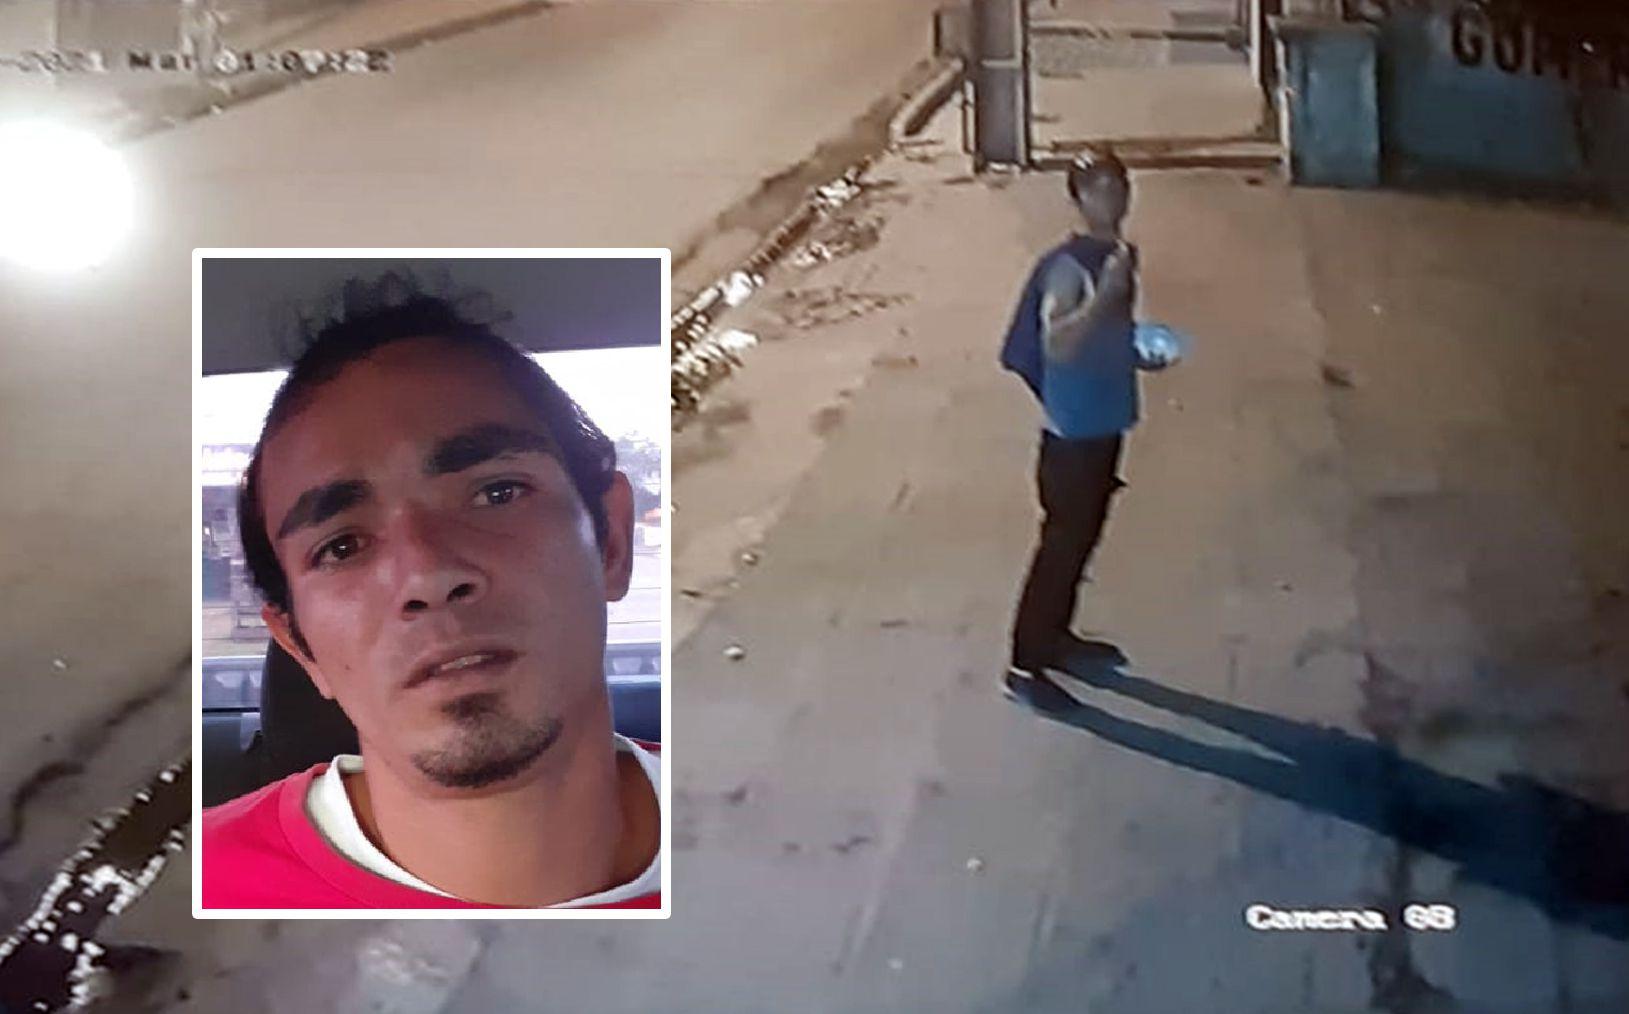 El segundo detenido en el caso del asesinato de Luis Ojeda, José Rafael Núñez Sosa (25). Está imputado por homicidio doloso en calidad de cómplice.